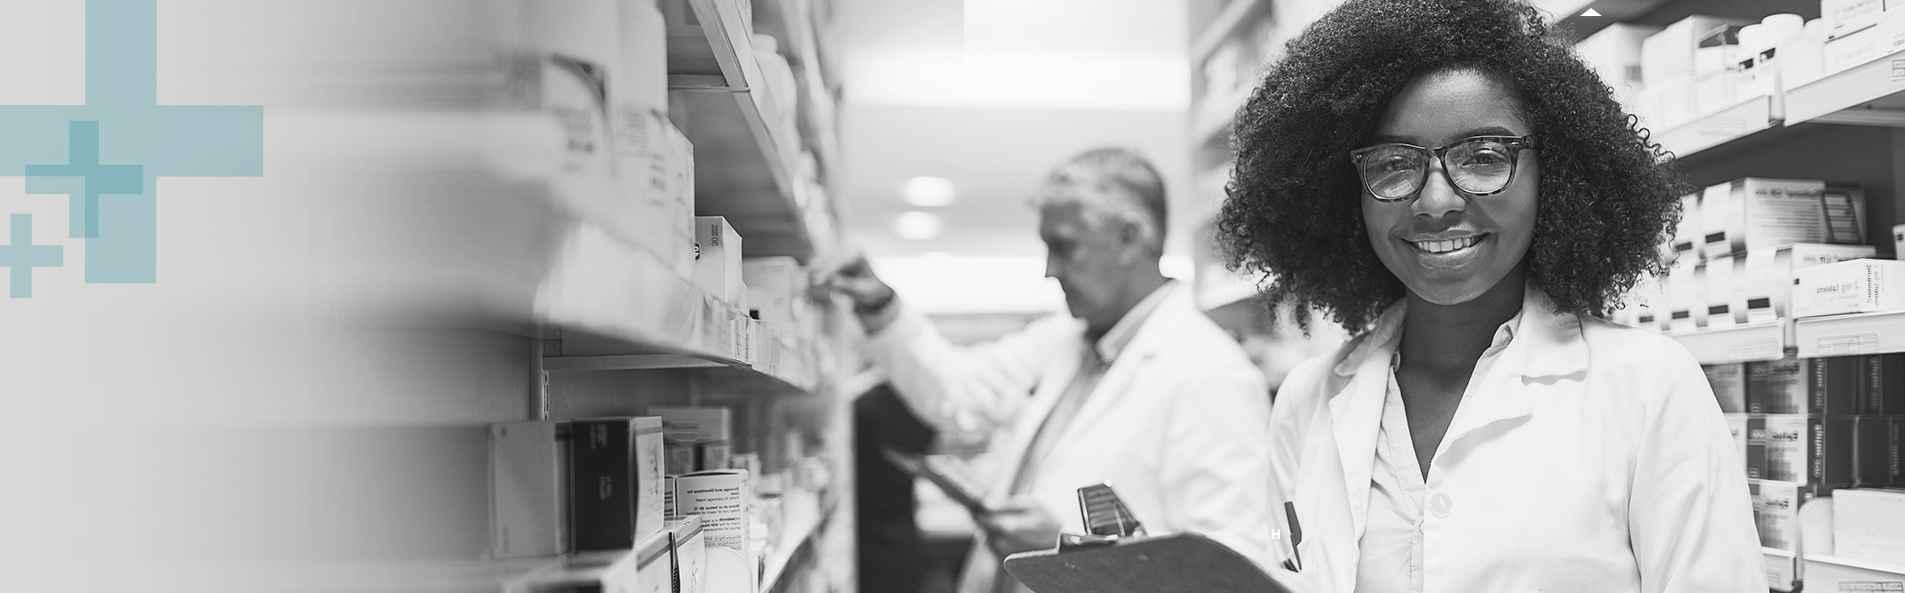 24/7 Services, l'agence en intérim spécialisée dans les métiers de la pharmacie